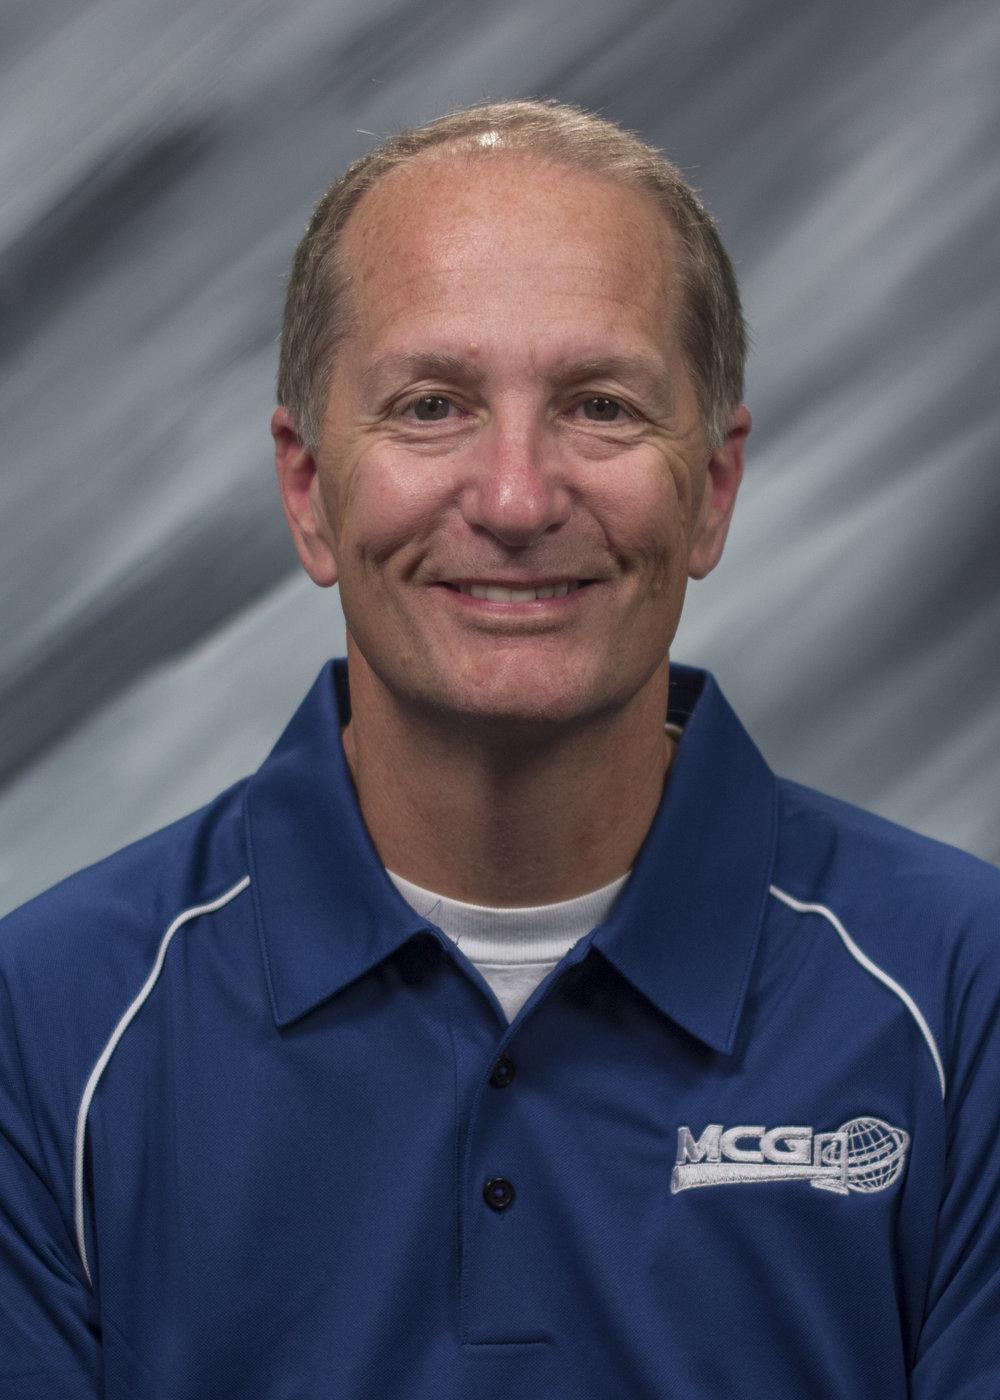 Steve Burnett, Assistant General Manager